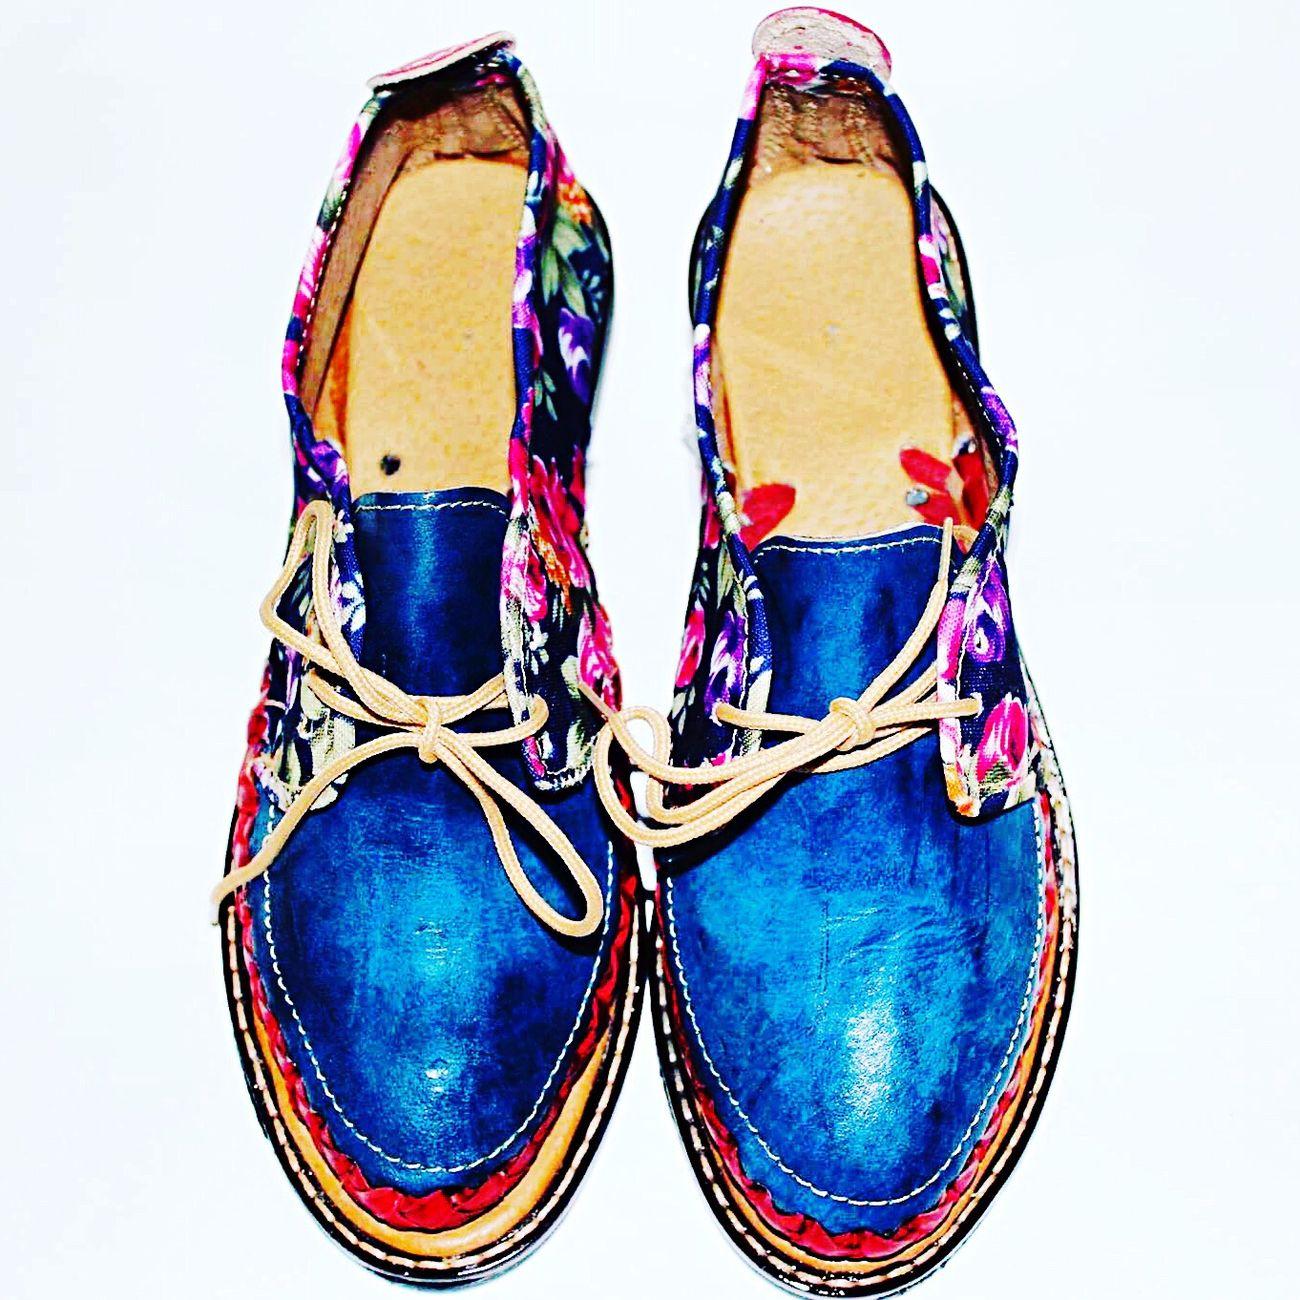 Arte Mexico Artesanal HechoenMéxico Women Beautiful Shoes